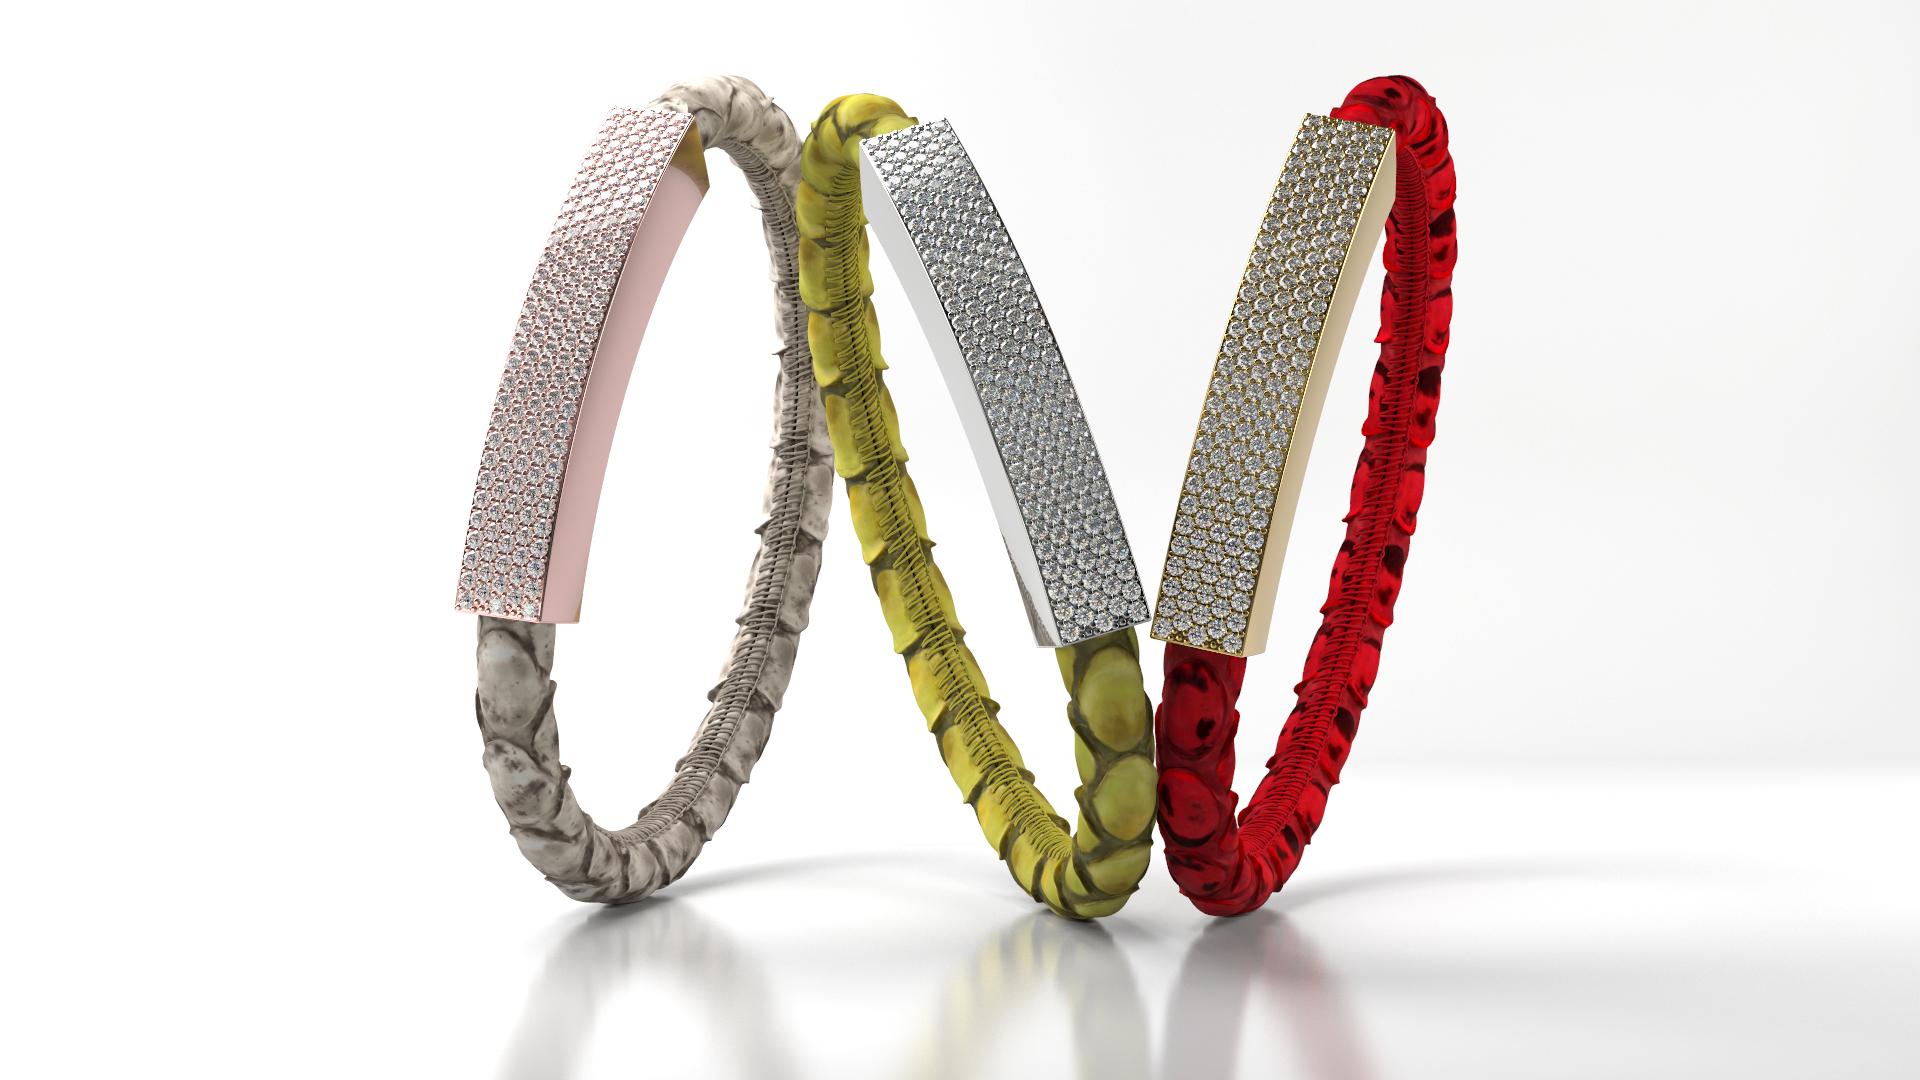 Bracelet_3vertical_7mm_Python_002